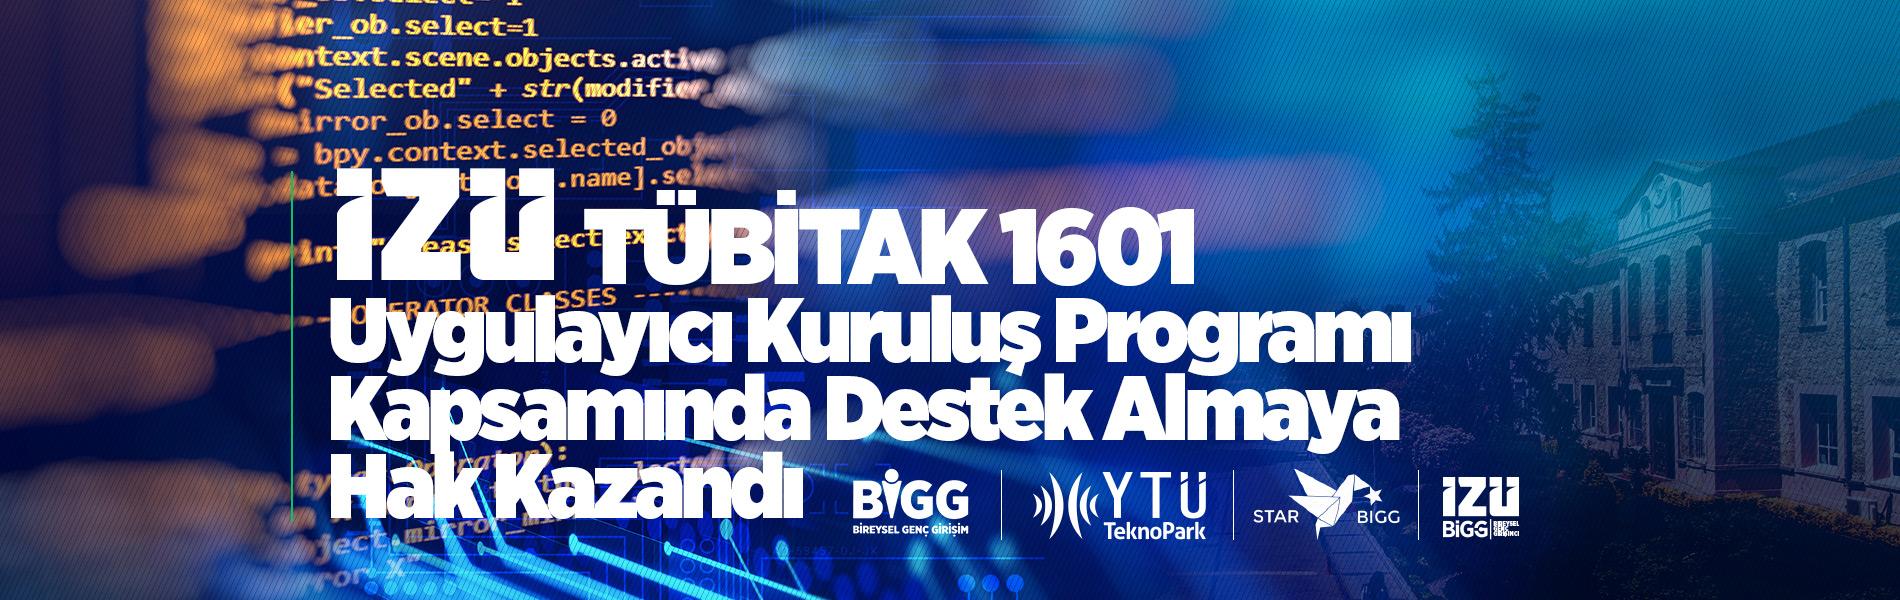 TTO1601-19X6